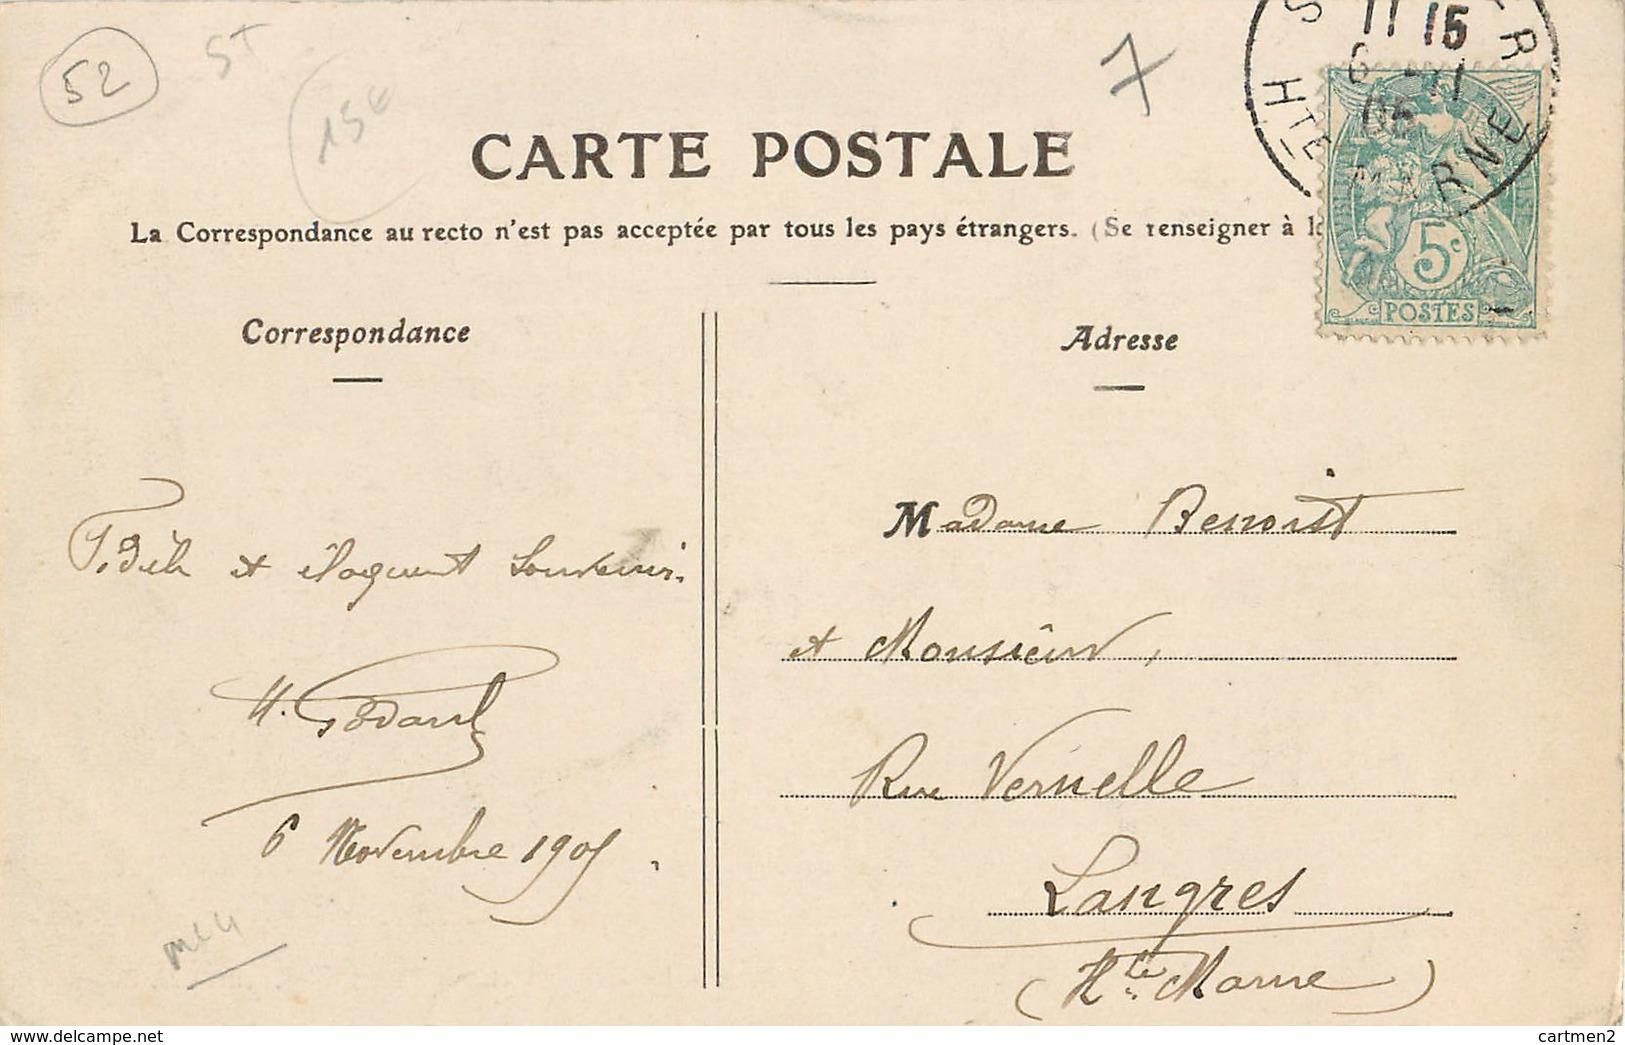 SAINT-DIZIER ECOLE LIBRE DE L'IMMACULEE CONCEPTION LE DRAPEAU ET SON PIQUET D'HONNEUR 52 - Saint Dizier